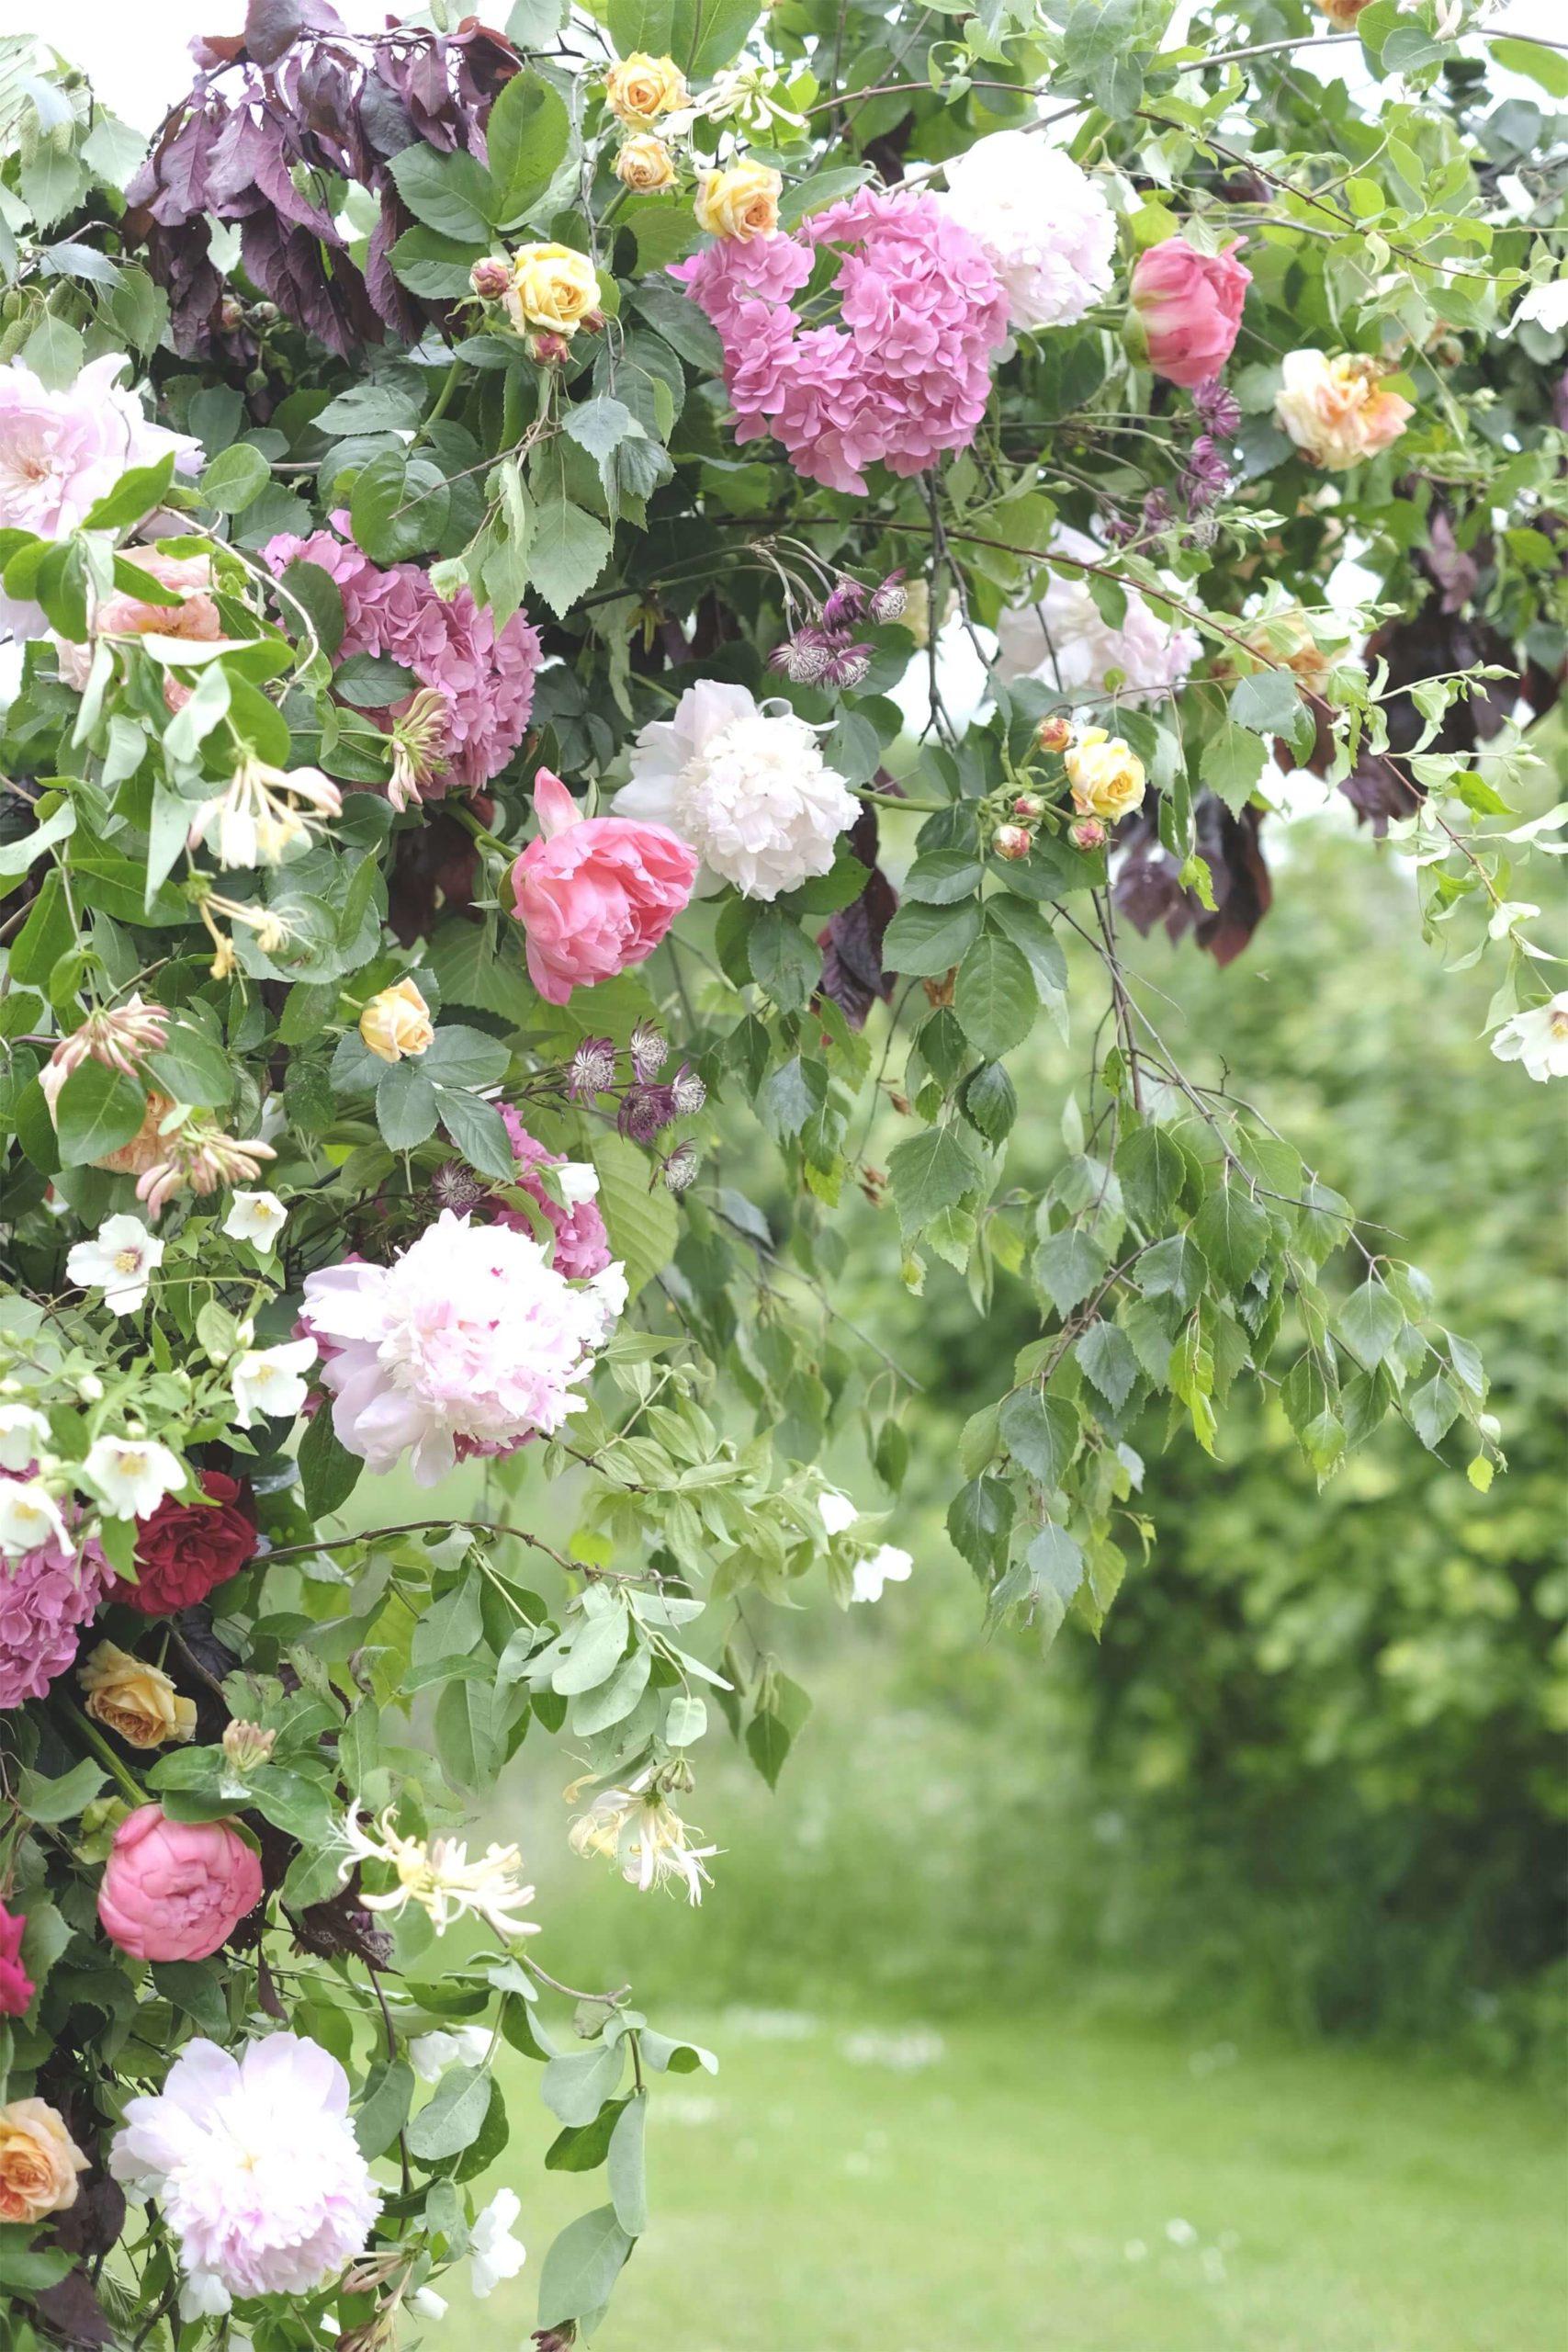 Rose, Claret & Blackberries 14